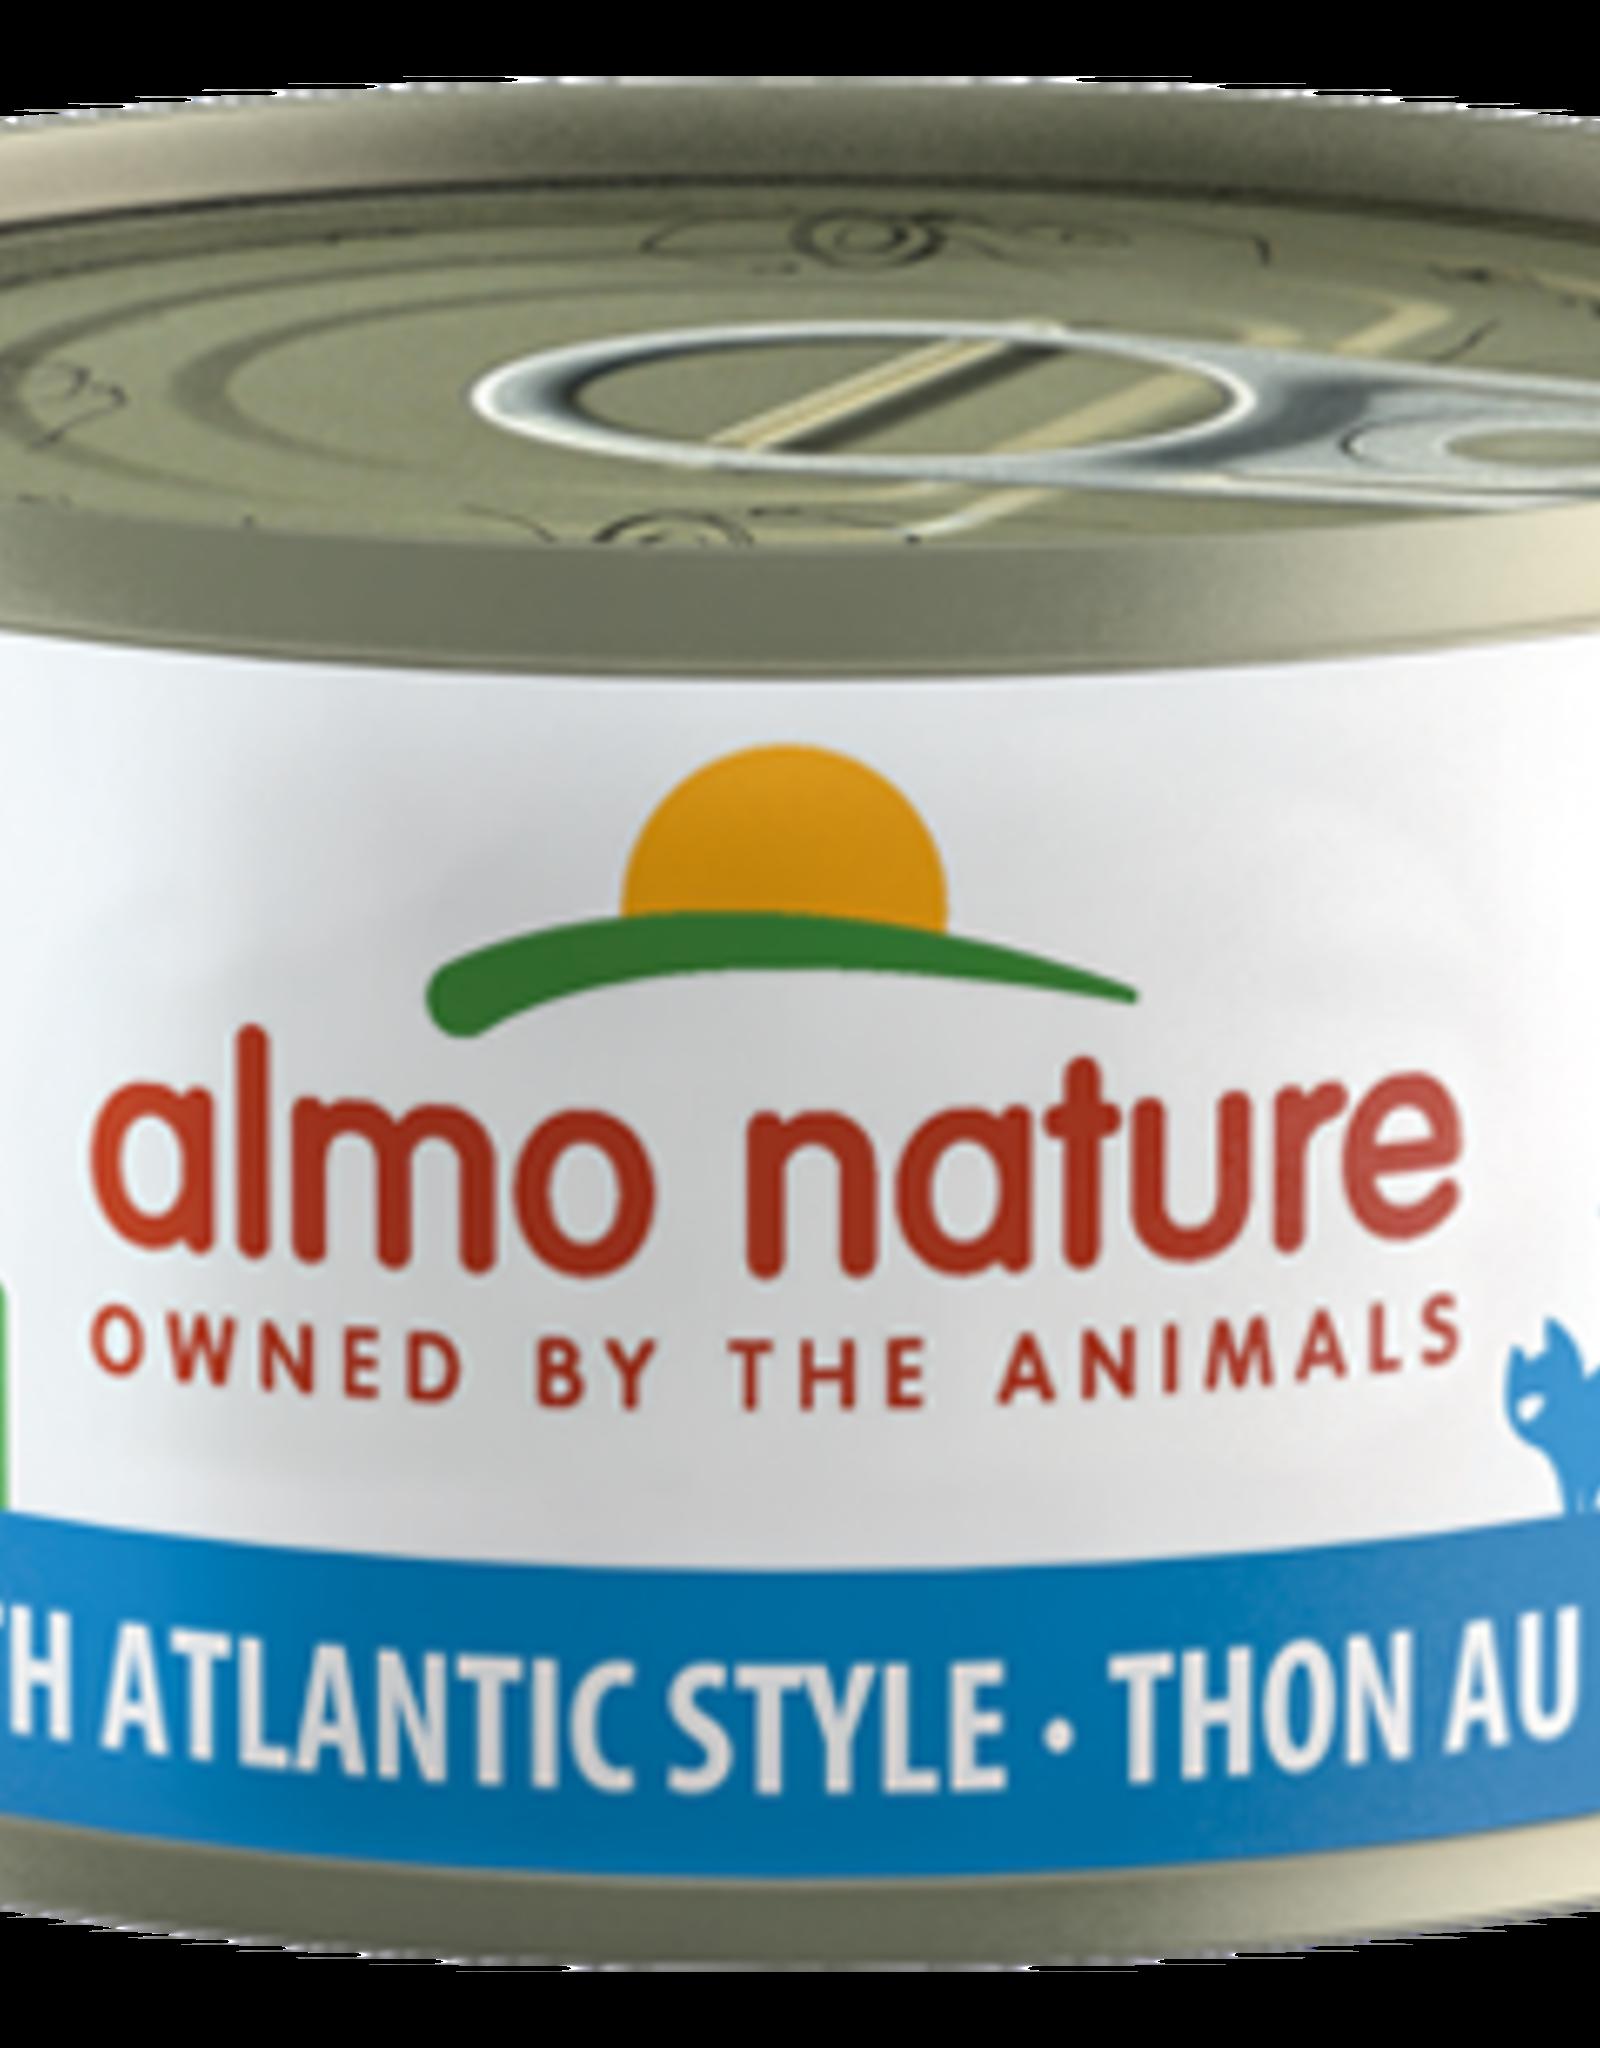 Almo Nature Cat HQS Tuna in Broth Atlantic Style - Grain-Free 2.47oz